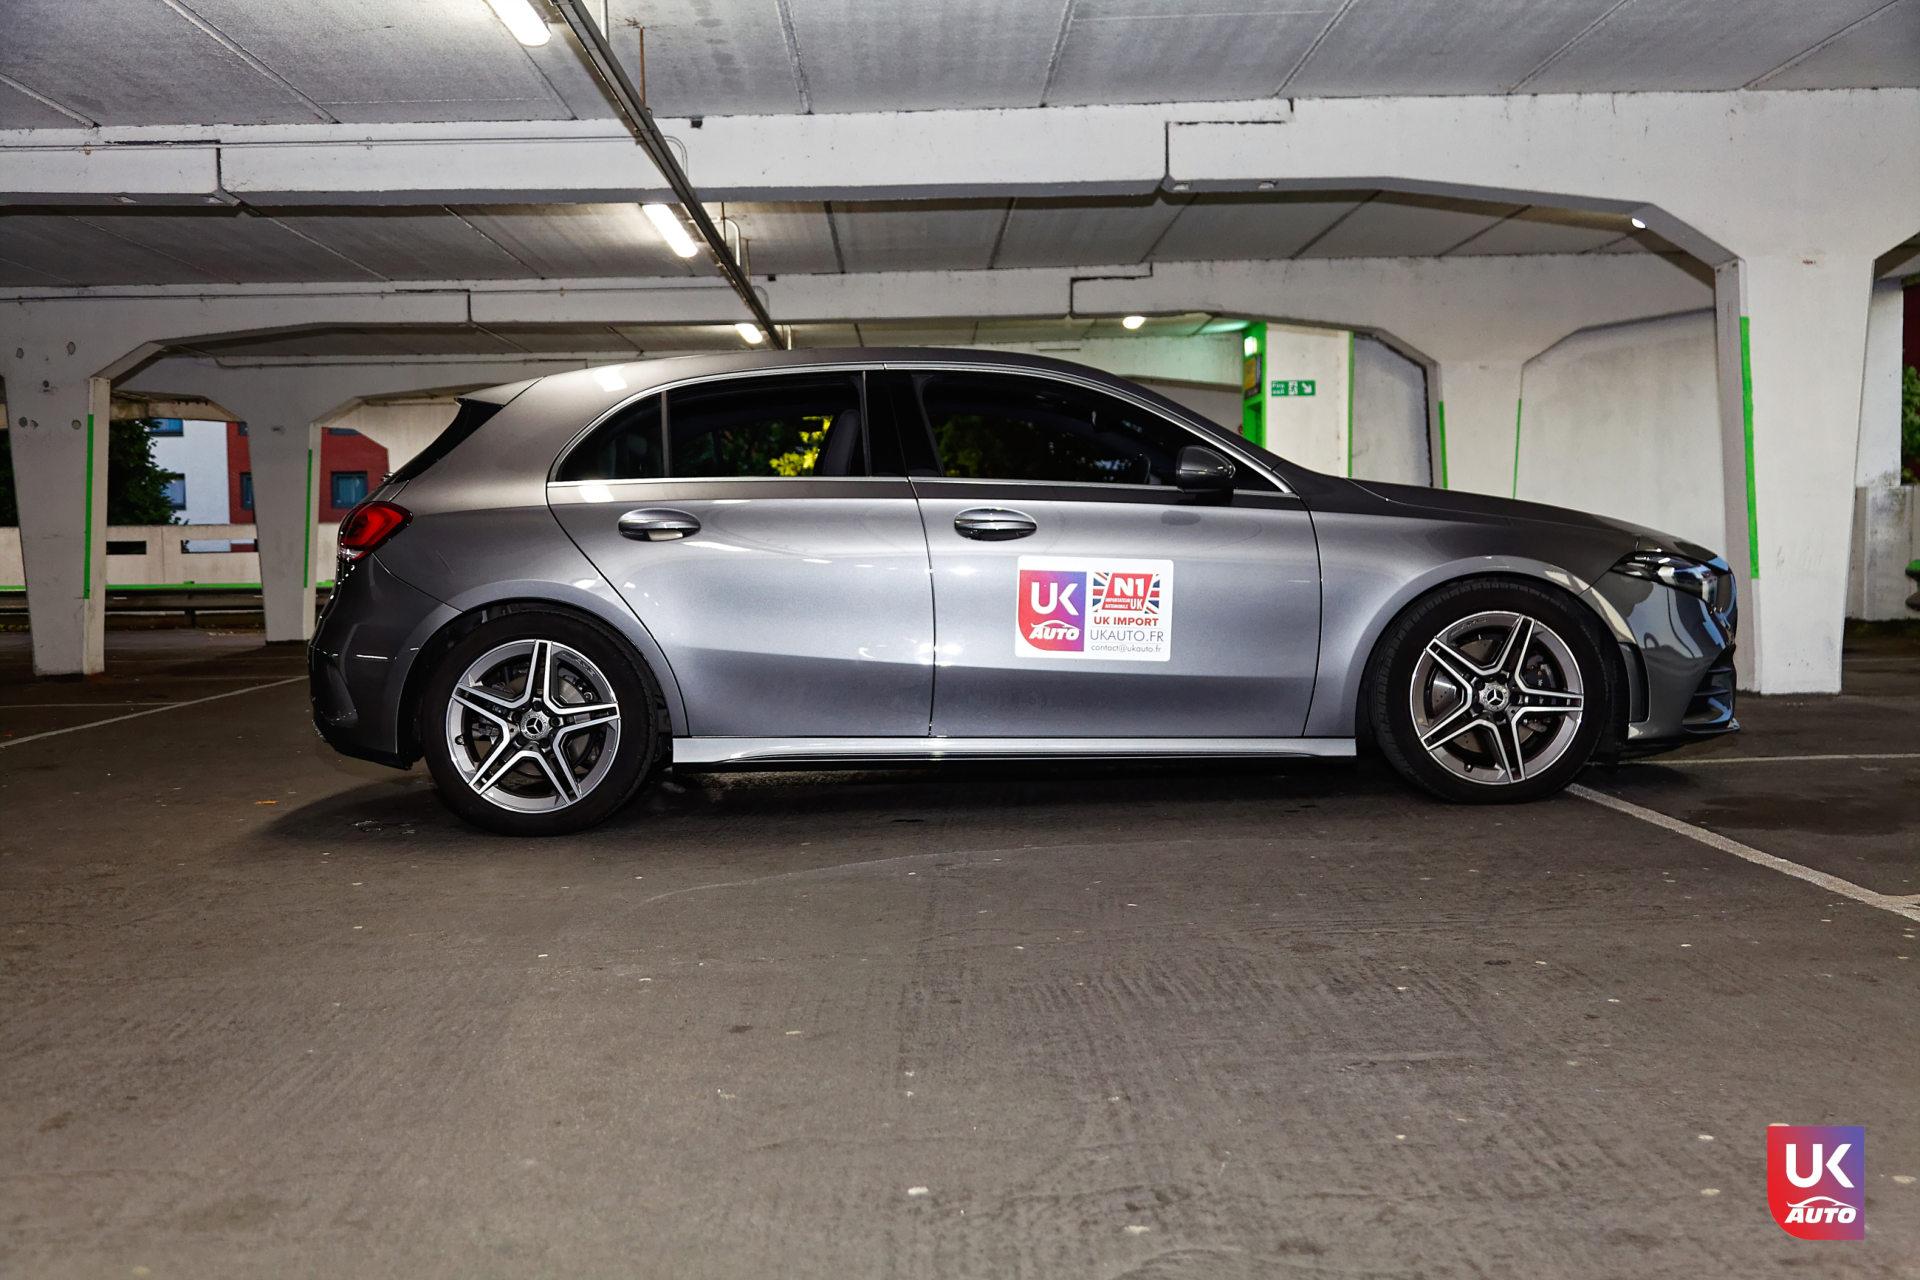 Mercedes uk mercedes angleterre mercedes a220 pack amg uk mercedes class a amg uk15 DxO - ACHAT ANGLETERRE MERCEDES C220 MERCEDES ANGLETERRE IMPORT UKAUTO.FR AUTOTRADER UK